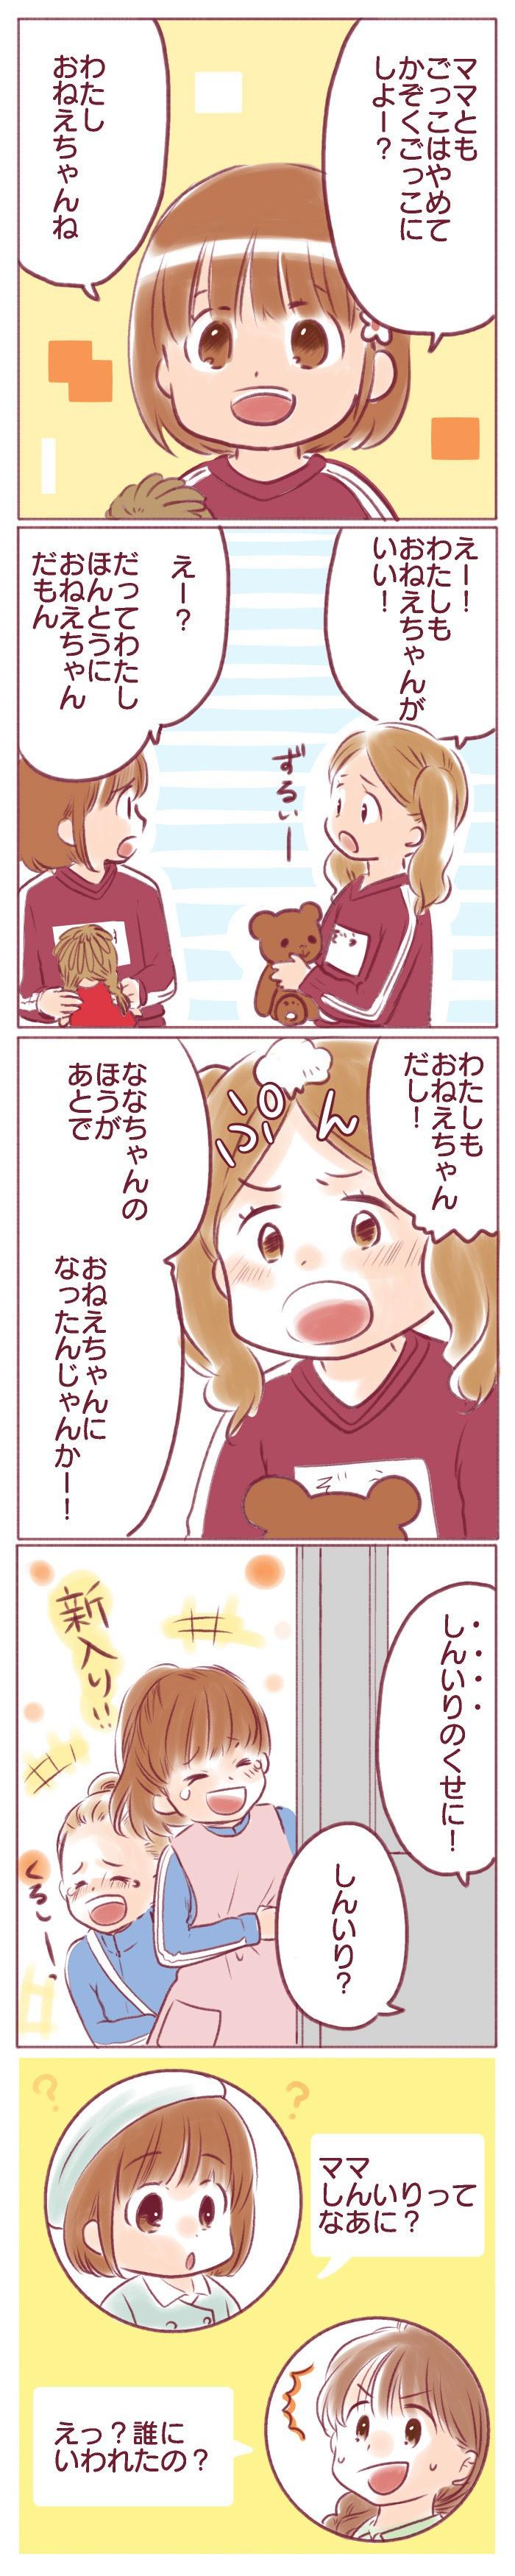 """どっちが「おねえちゃん役」やる?幼稚園児の""""争い""""がなかなかシビア…(笑)の画像1"""